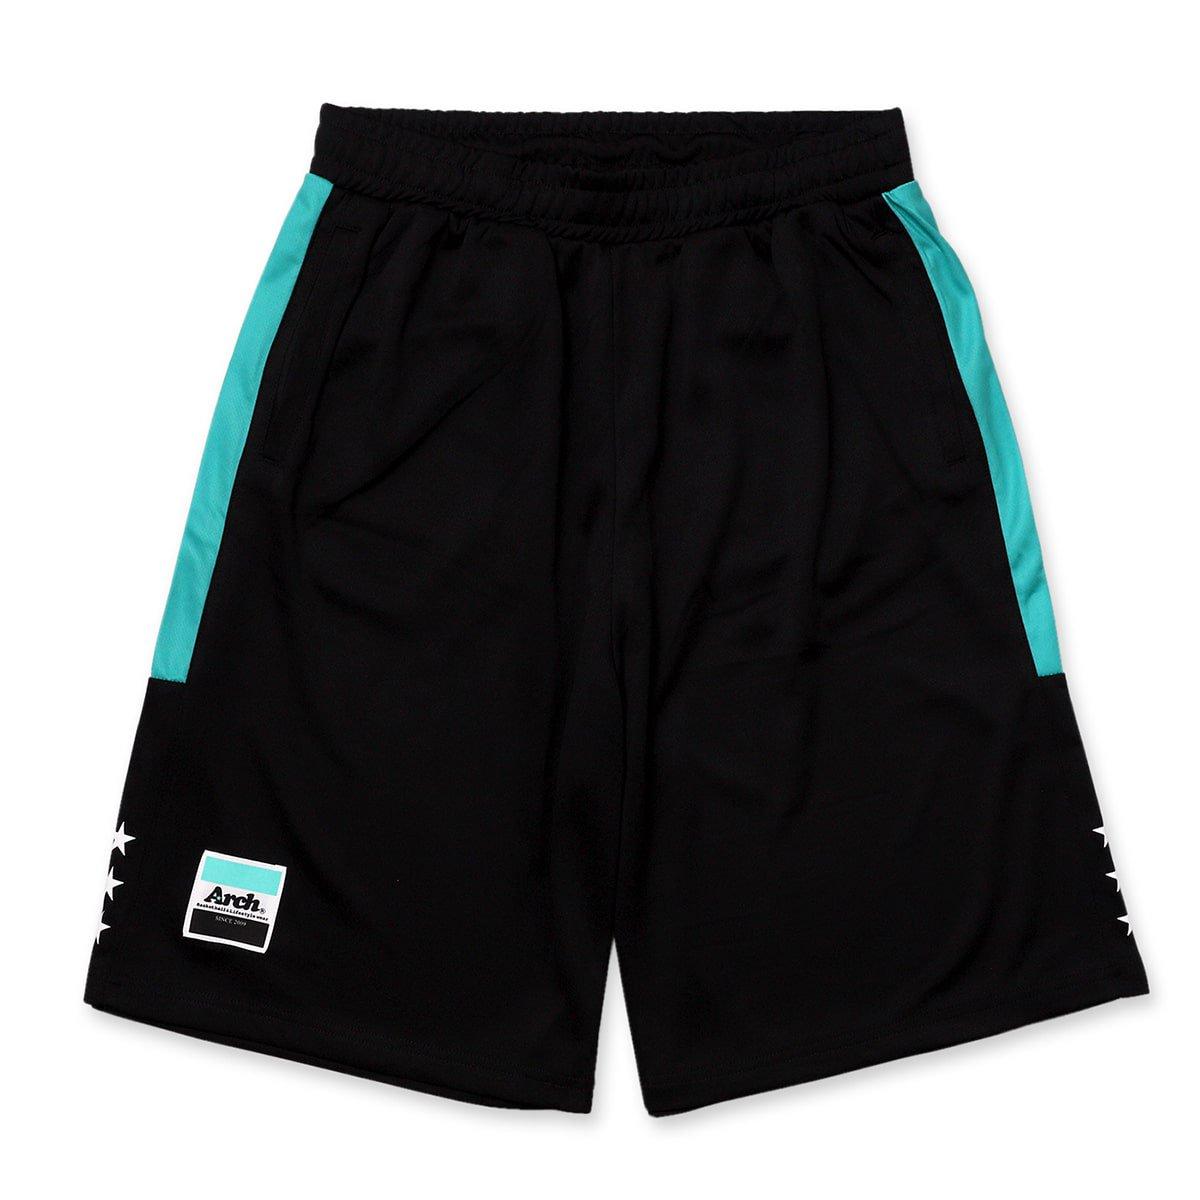 バスケ アーチサイドバーショーツ ブラック/ミント